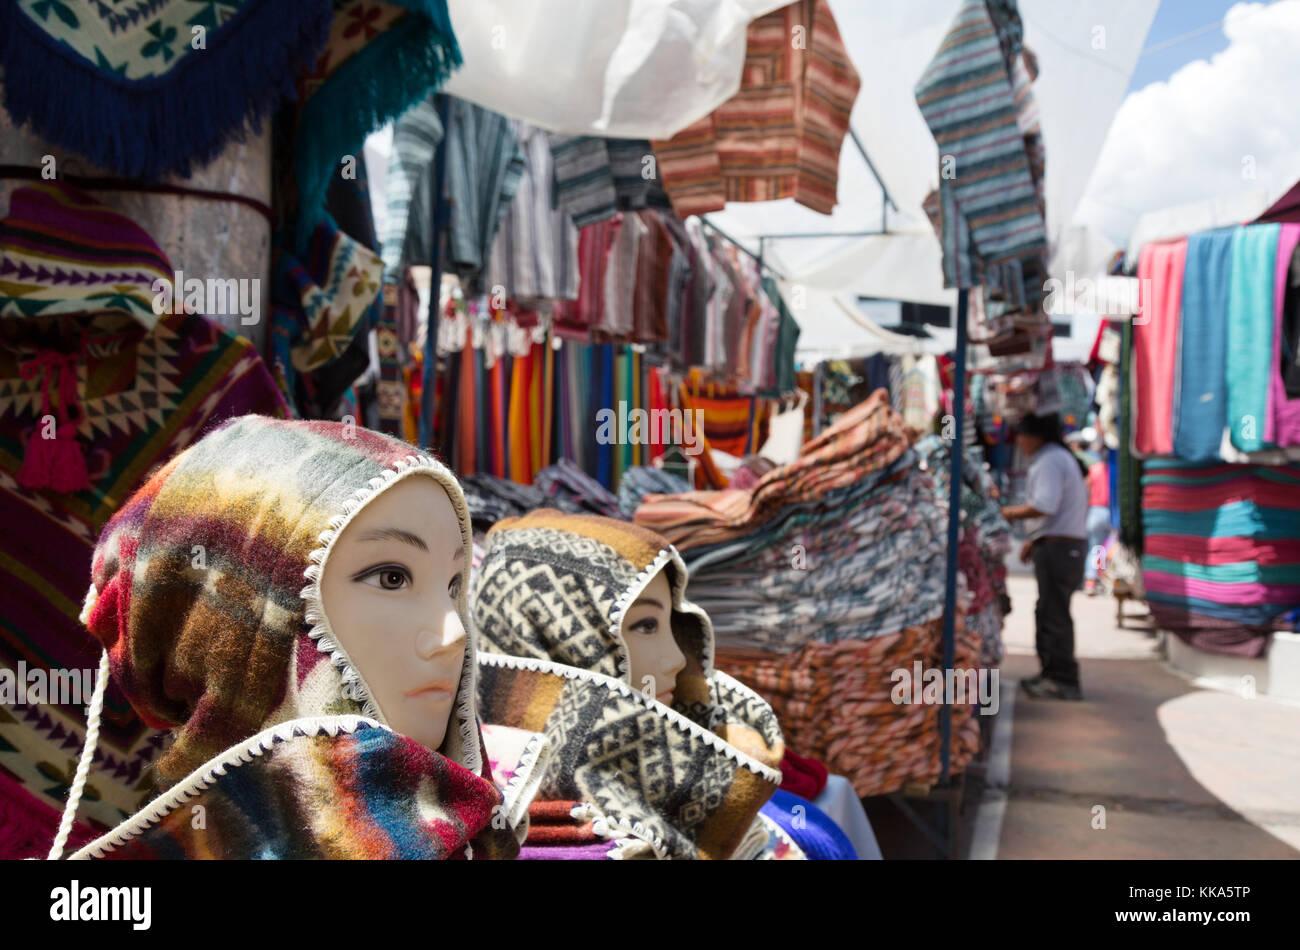 Mercado de Otavalo Ecuador, coloridos textiles para la venta en un puesto en el mercado, mercado de Otavalo, Ecuador, Imagen De Stock